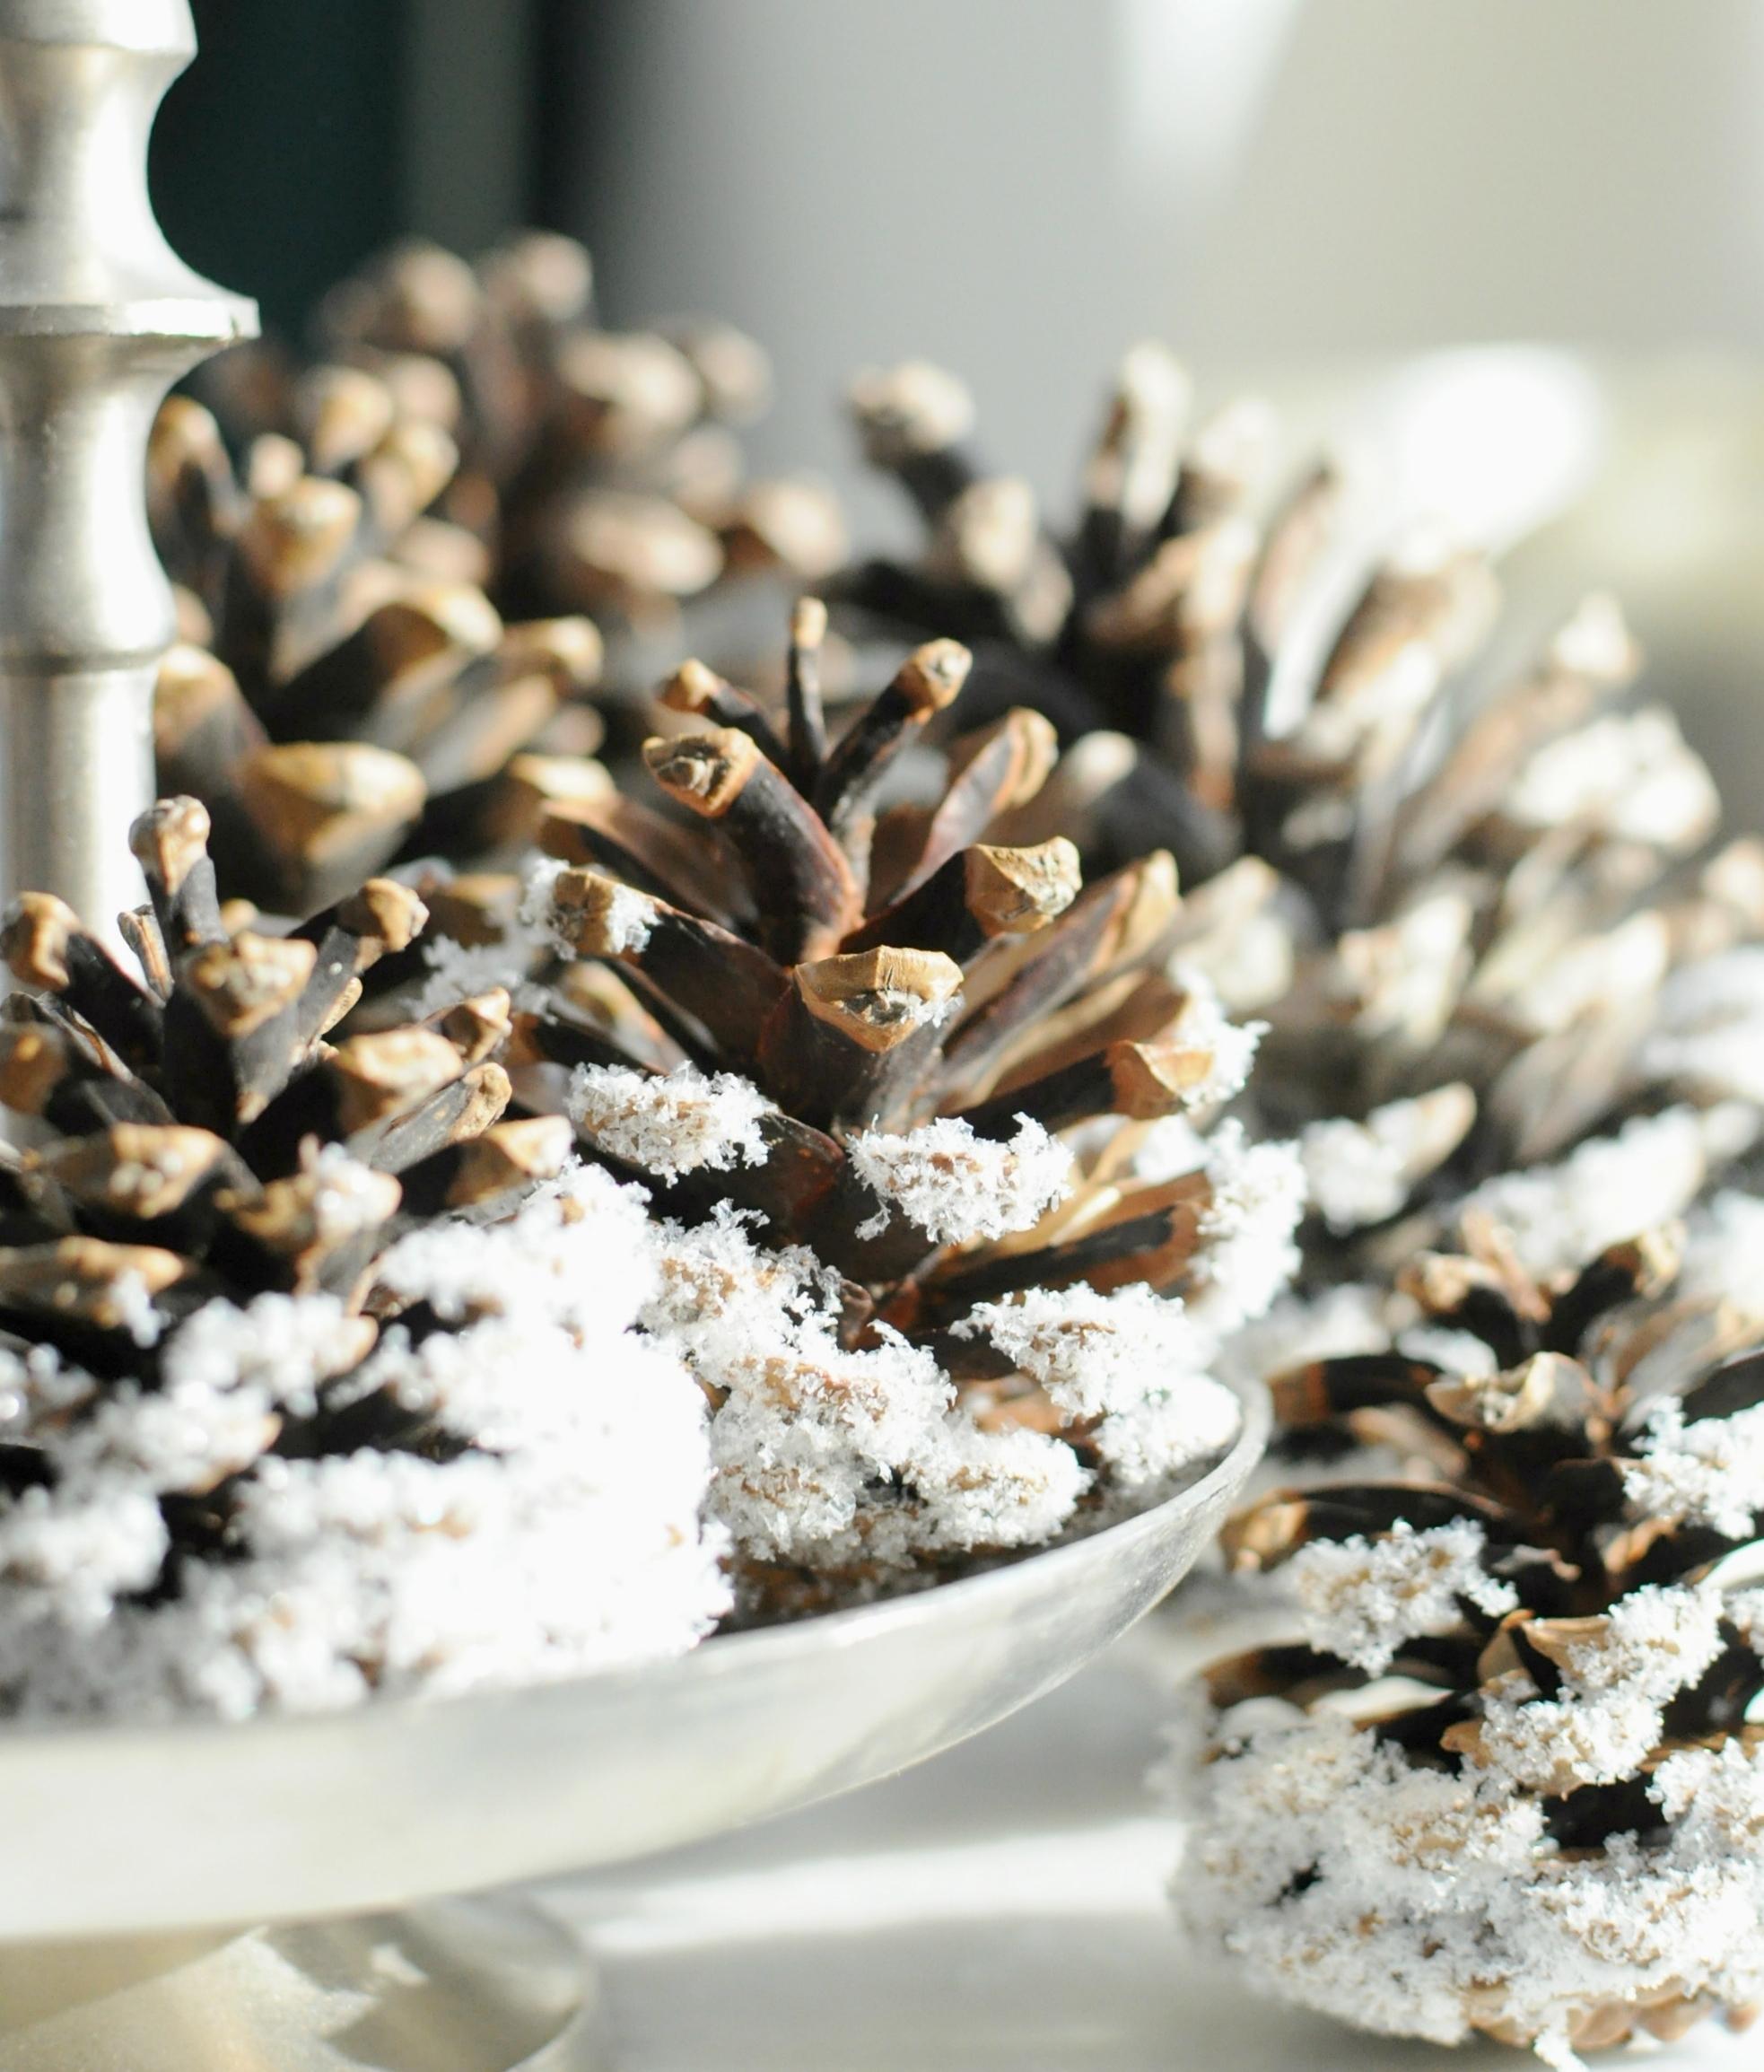 dennenappels met sneeuw nepsneeuw